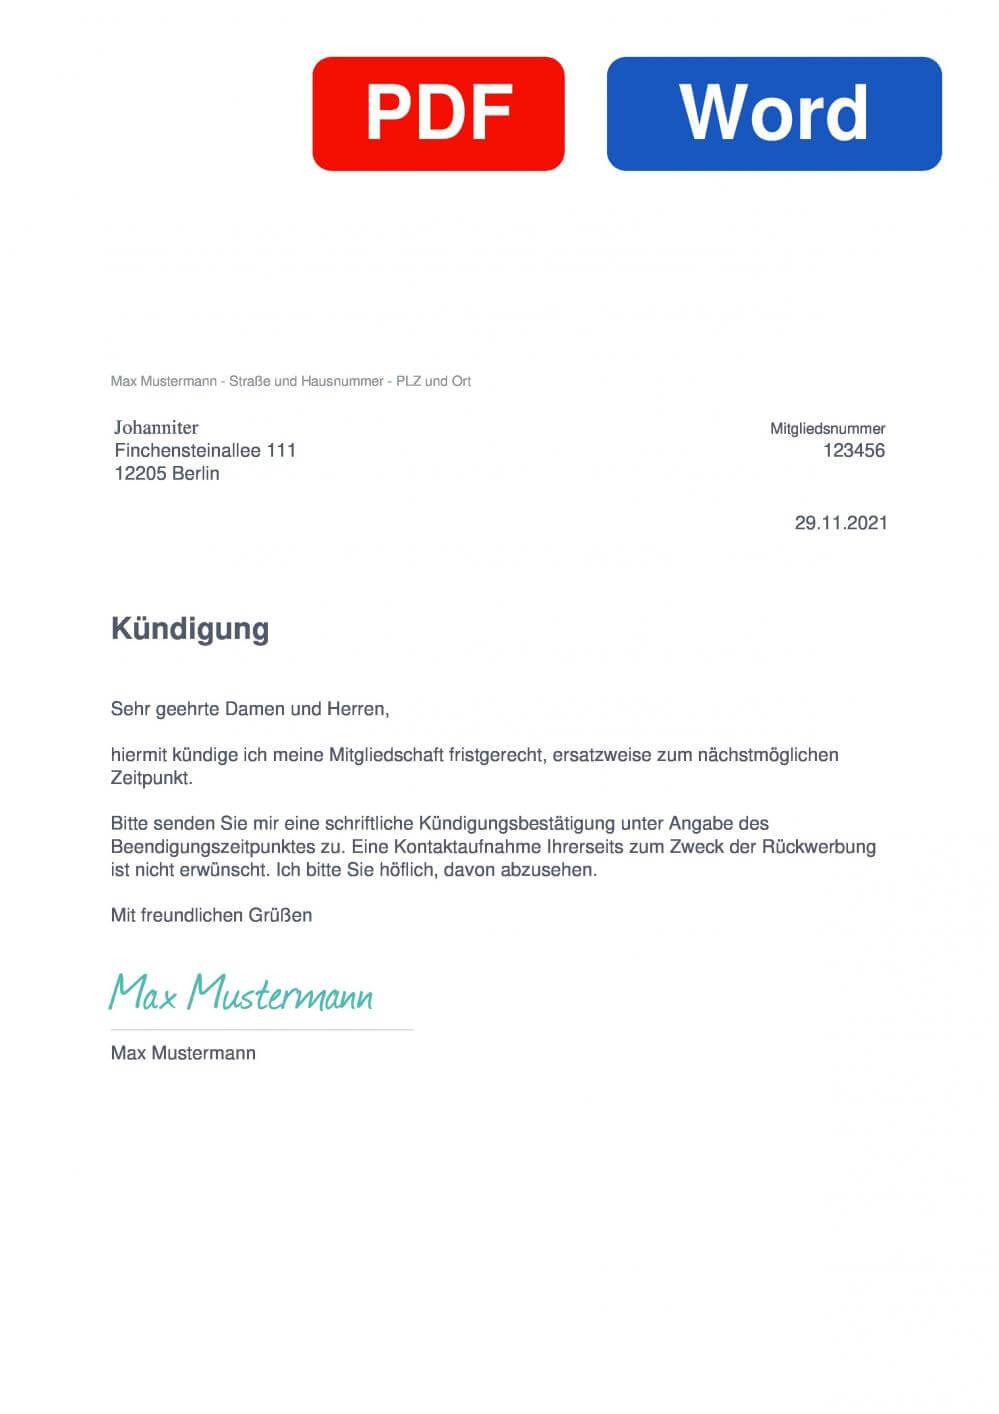 Johanniter Muster Vorlage für Kündigungsschreiben